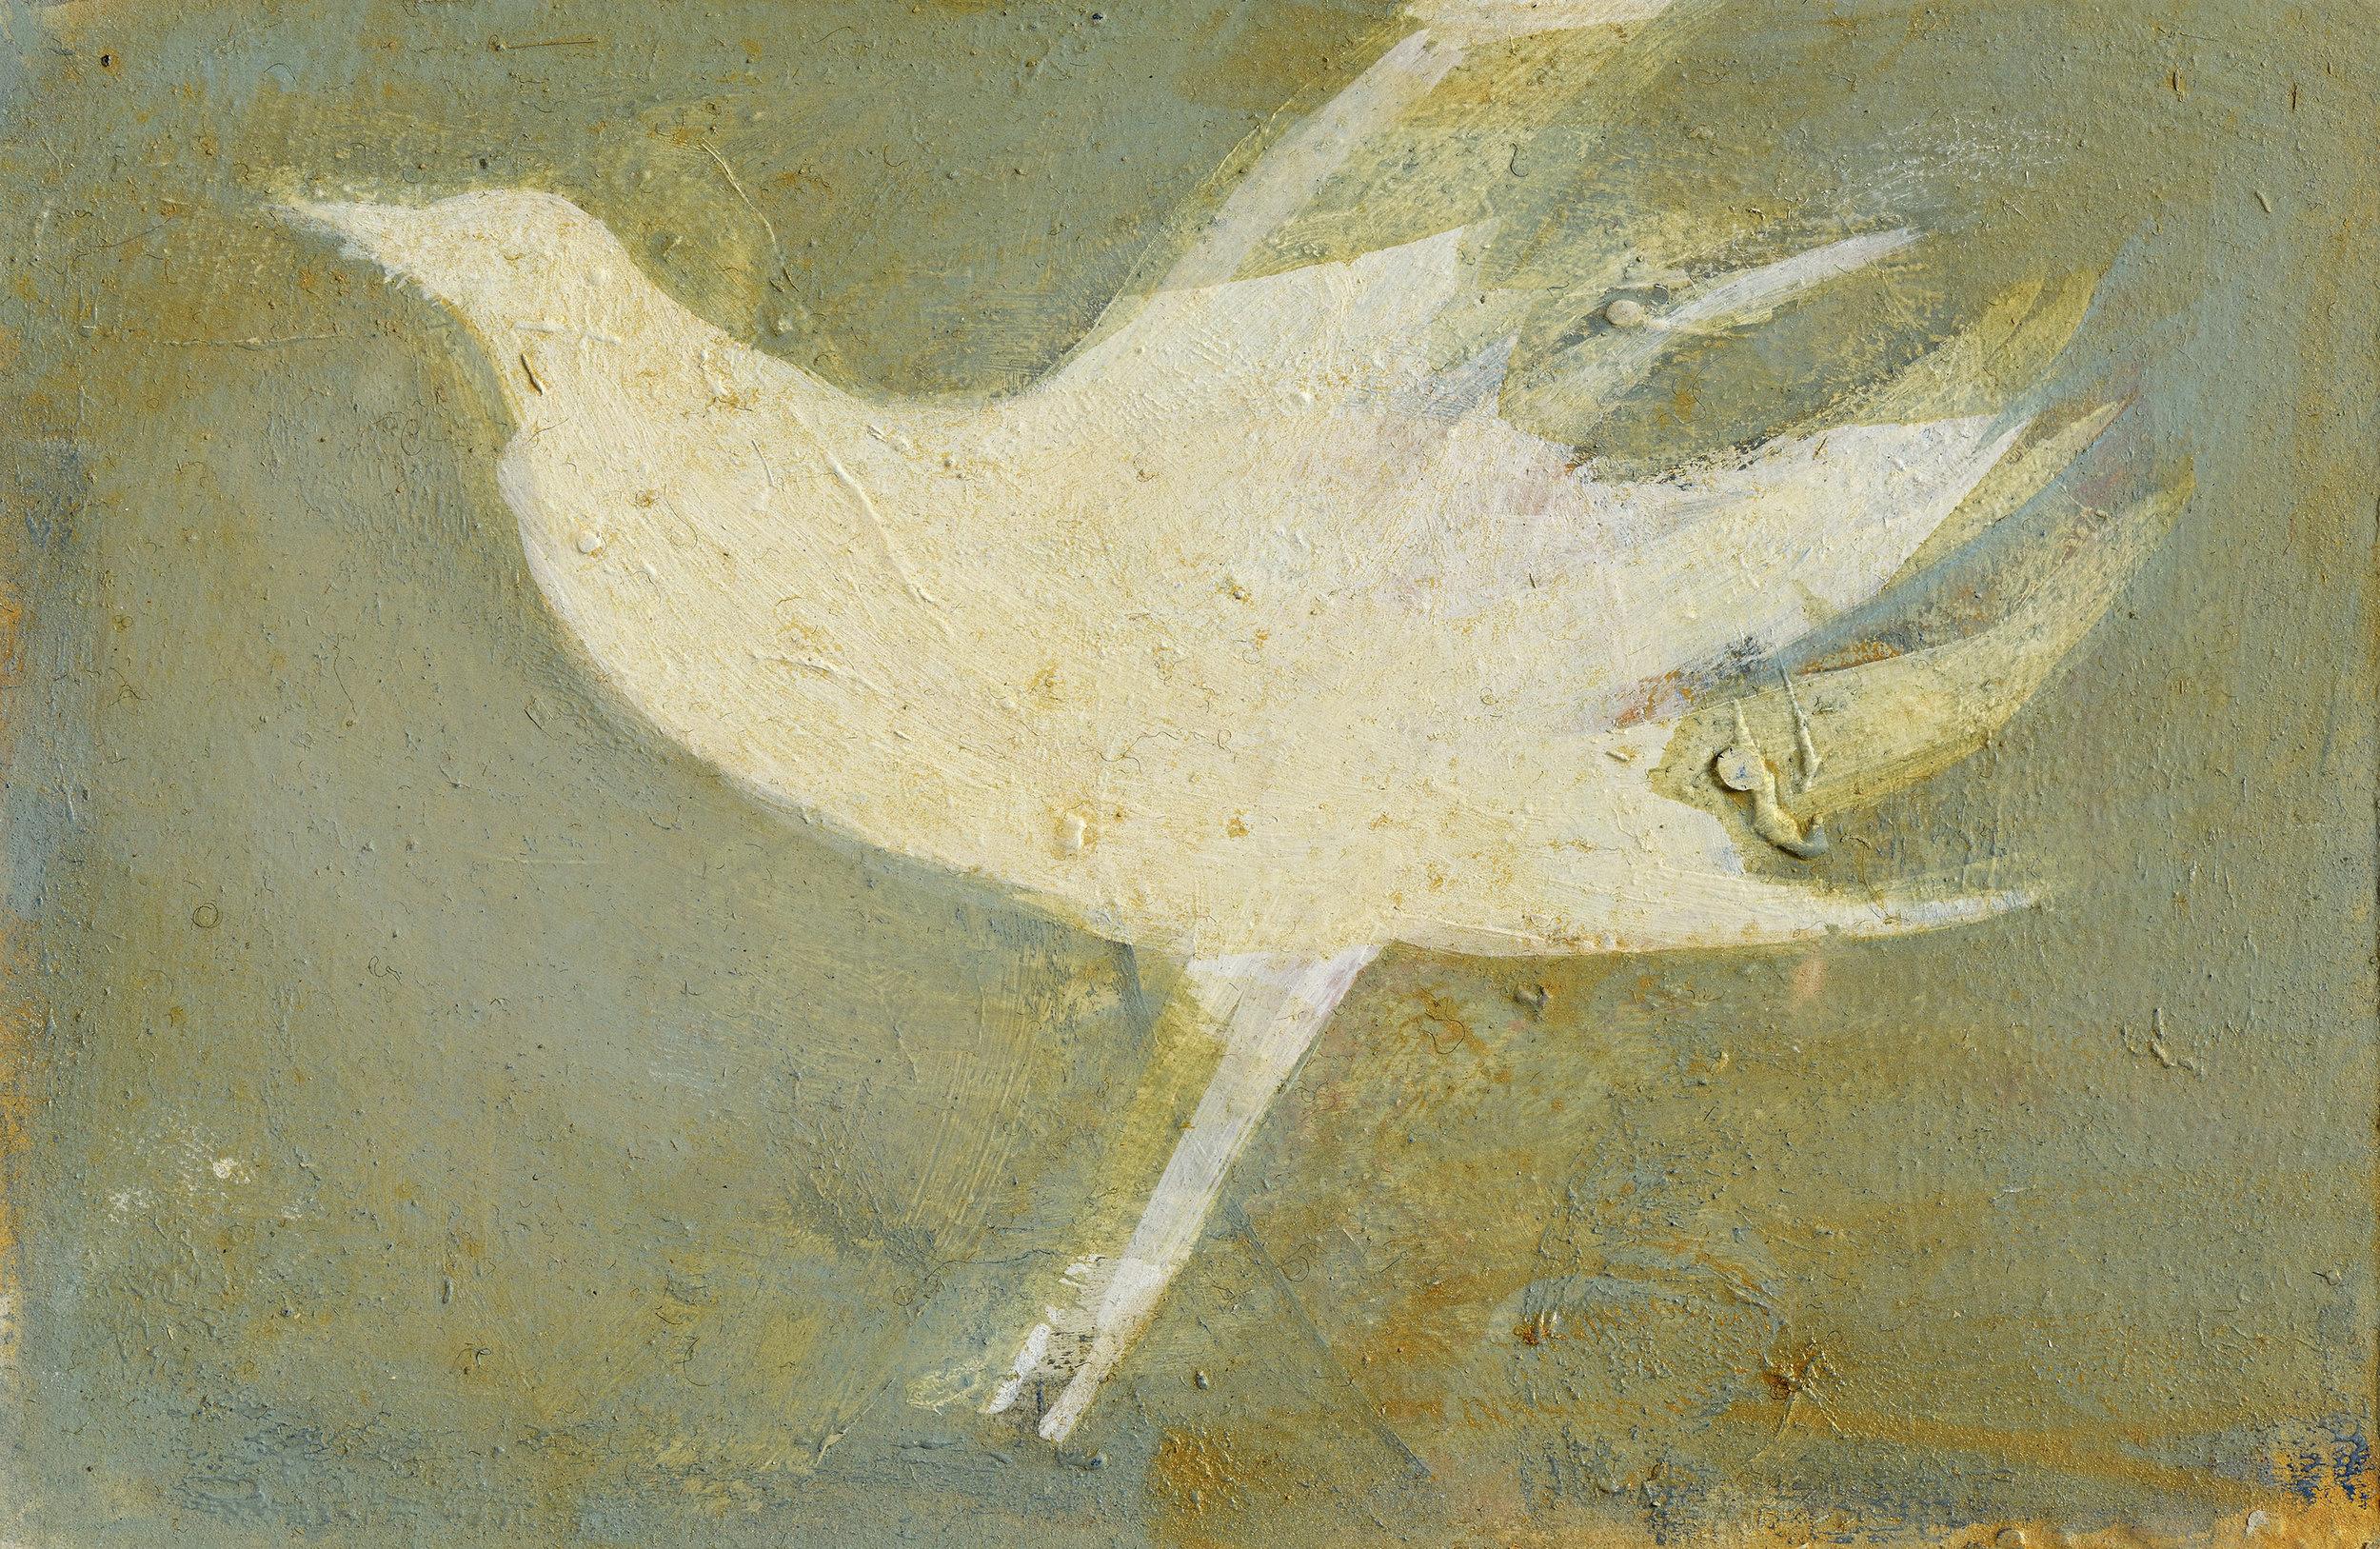 Series 1_12_Bird_11x15cm.jpg